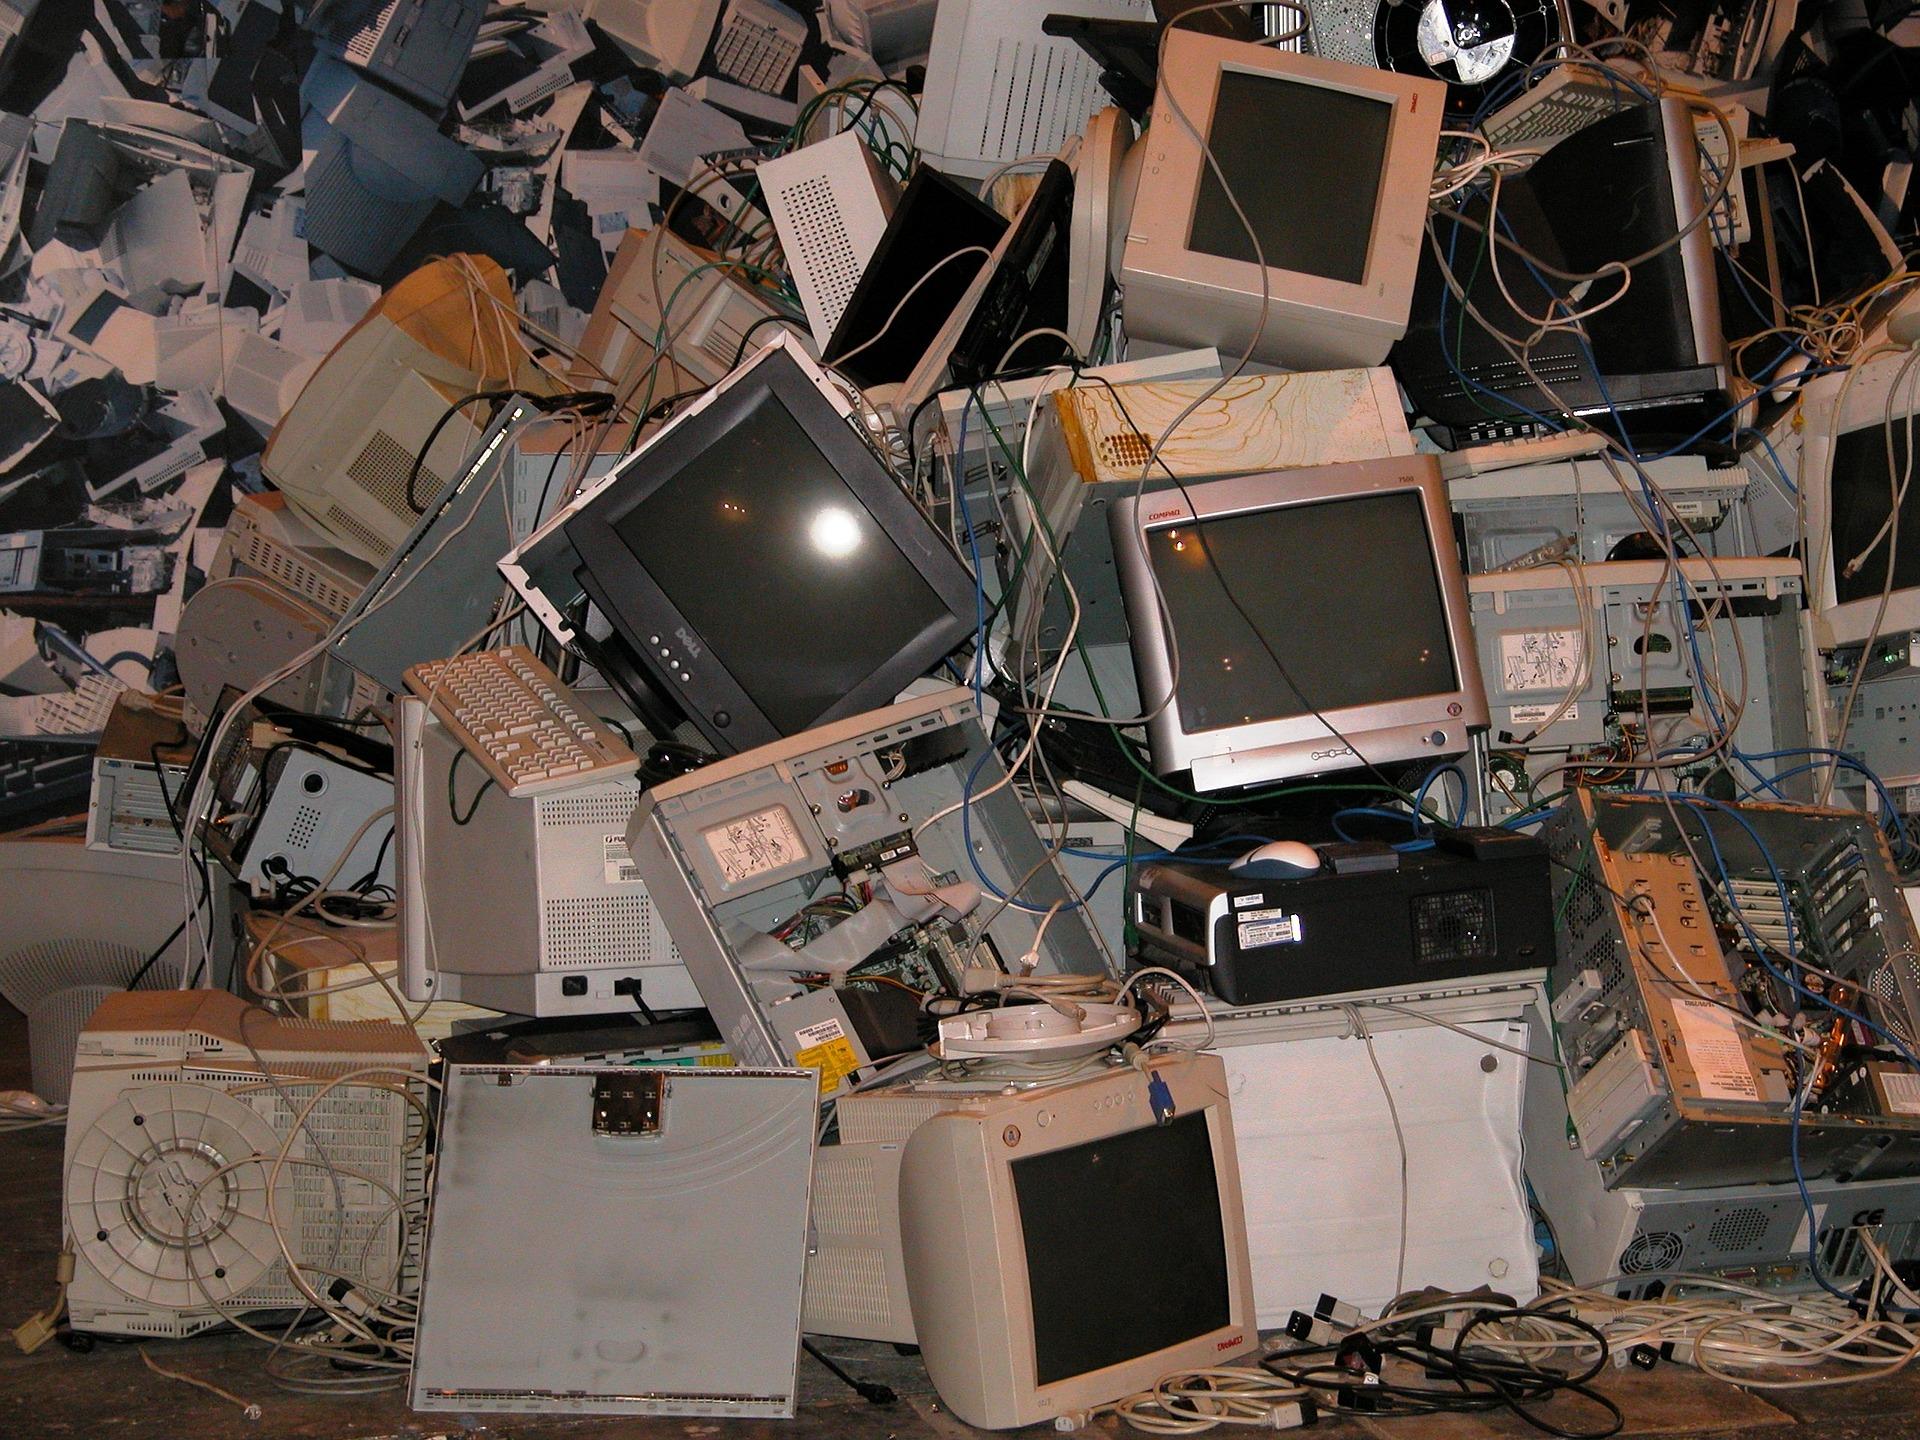 6e3d48118c4 Kas teadsid? 13. oktoober on rahvusvaheline e-jäätmete päev ...